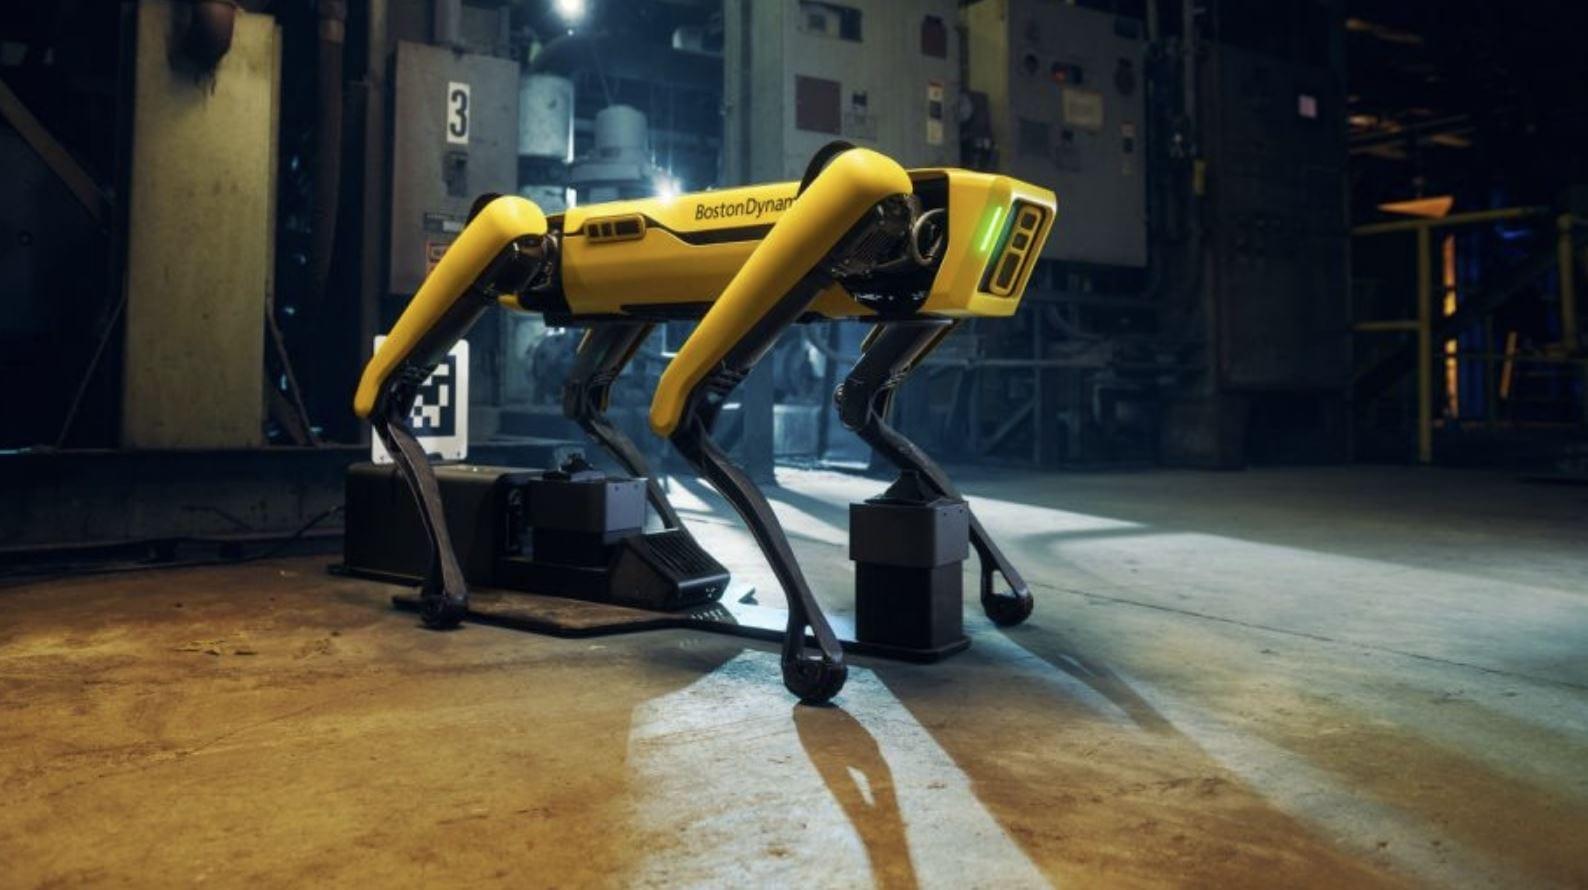 Boston Dynamics: Spot è stato abbandonato dalla polizia di New York